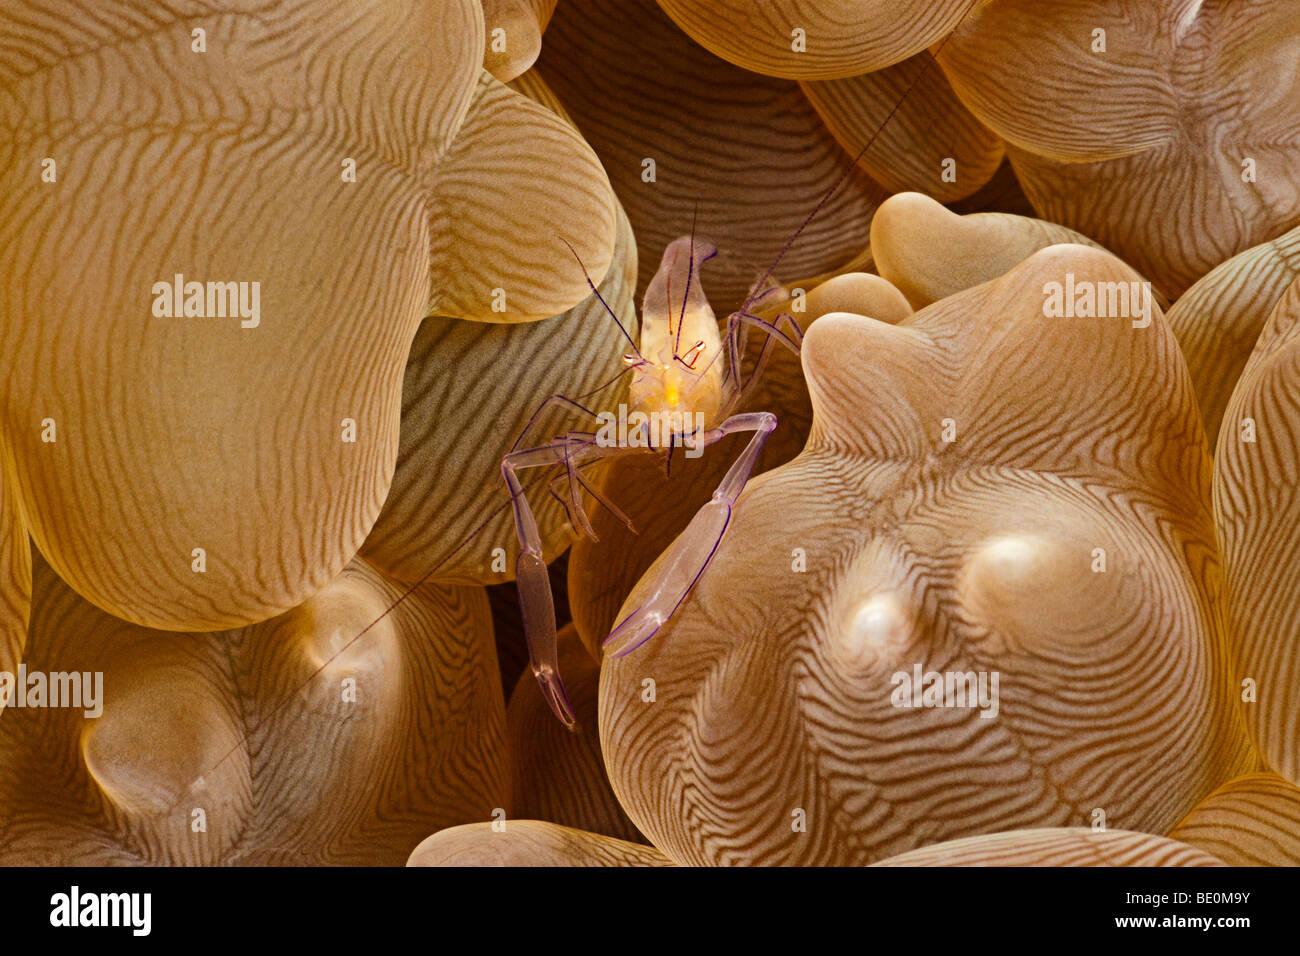 Bubble arrecifes de camarones, Vir philippinensis, sobre burbuja coral, sp. Filipinas. Imagen De Stock